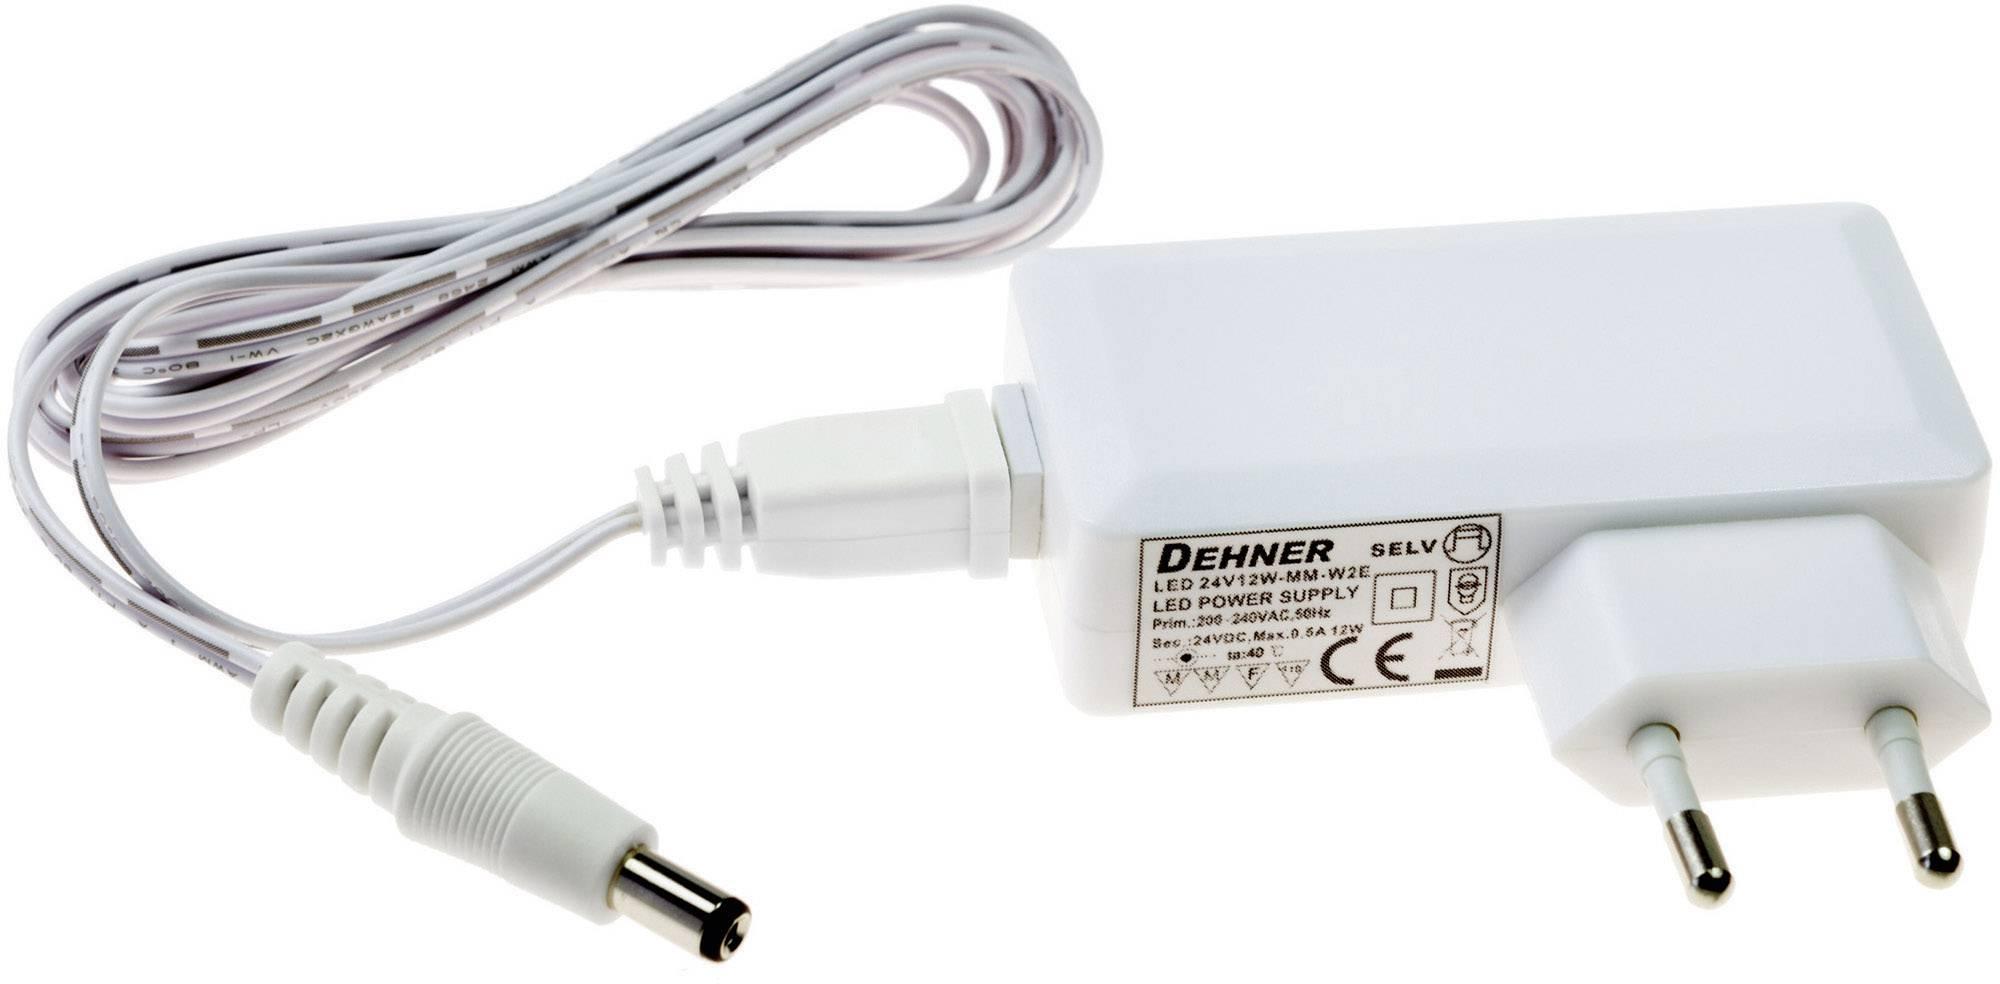 Napájací zdroj pre LED Dehner Elektronik LED 12V12W-MM-W2E, 12 W (max), 1 A, 12 V/DC